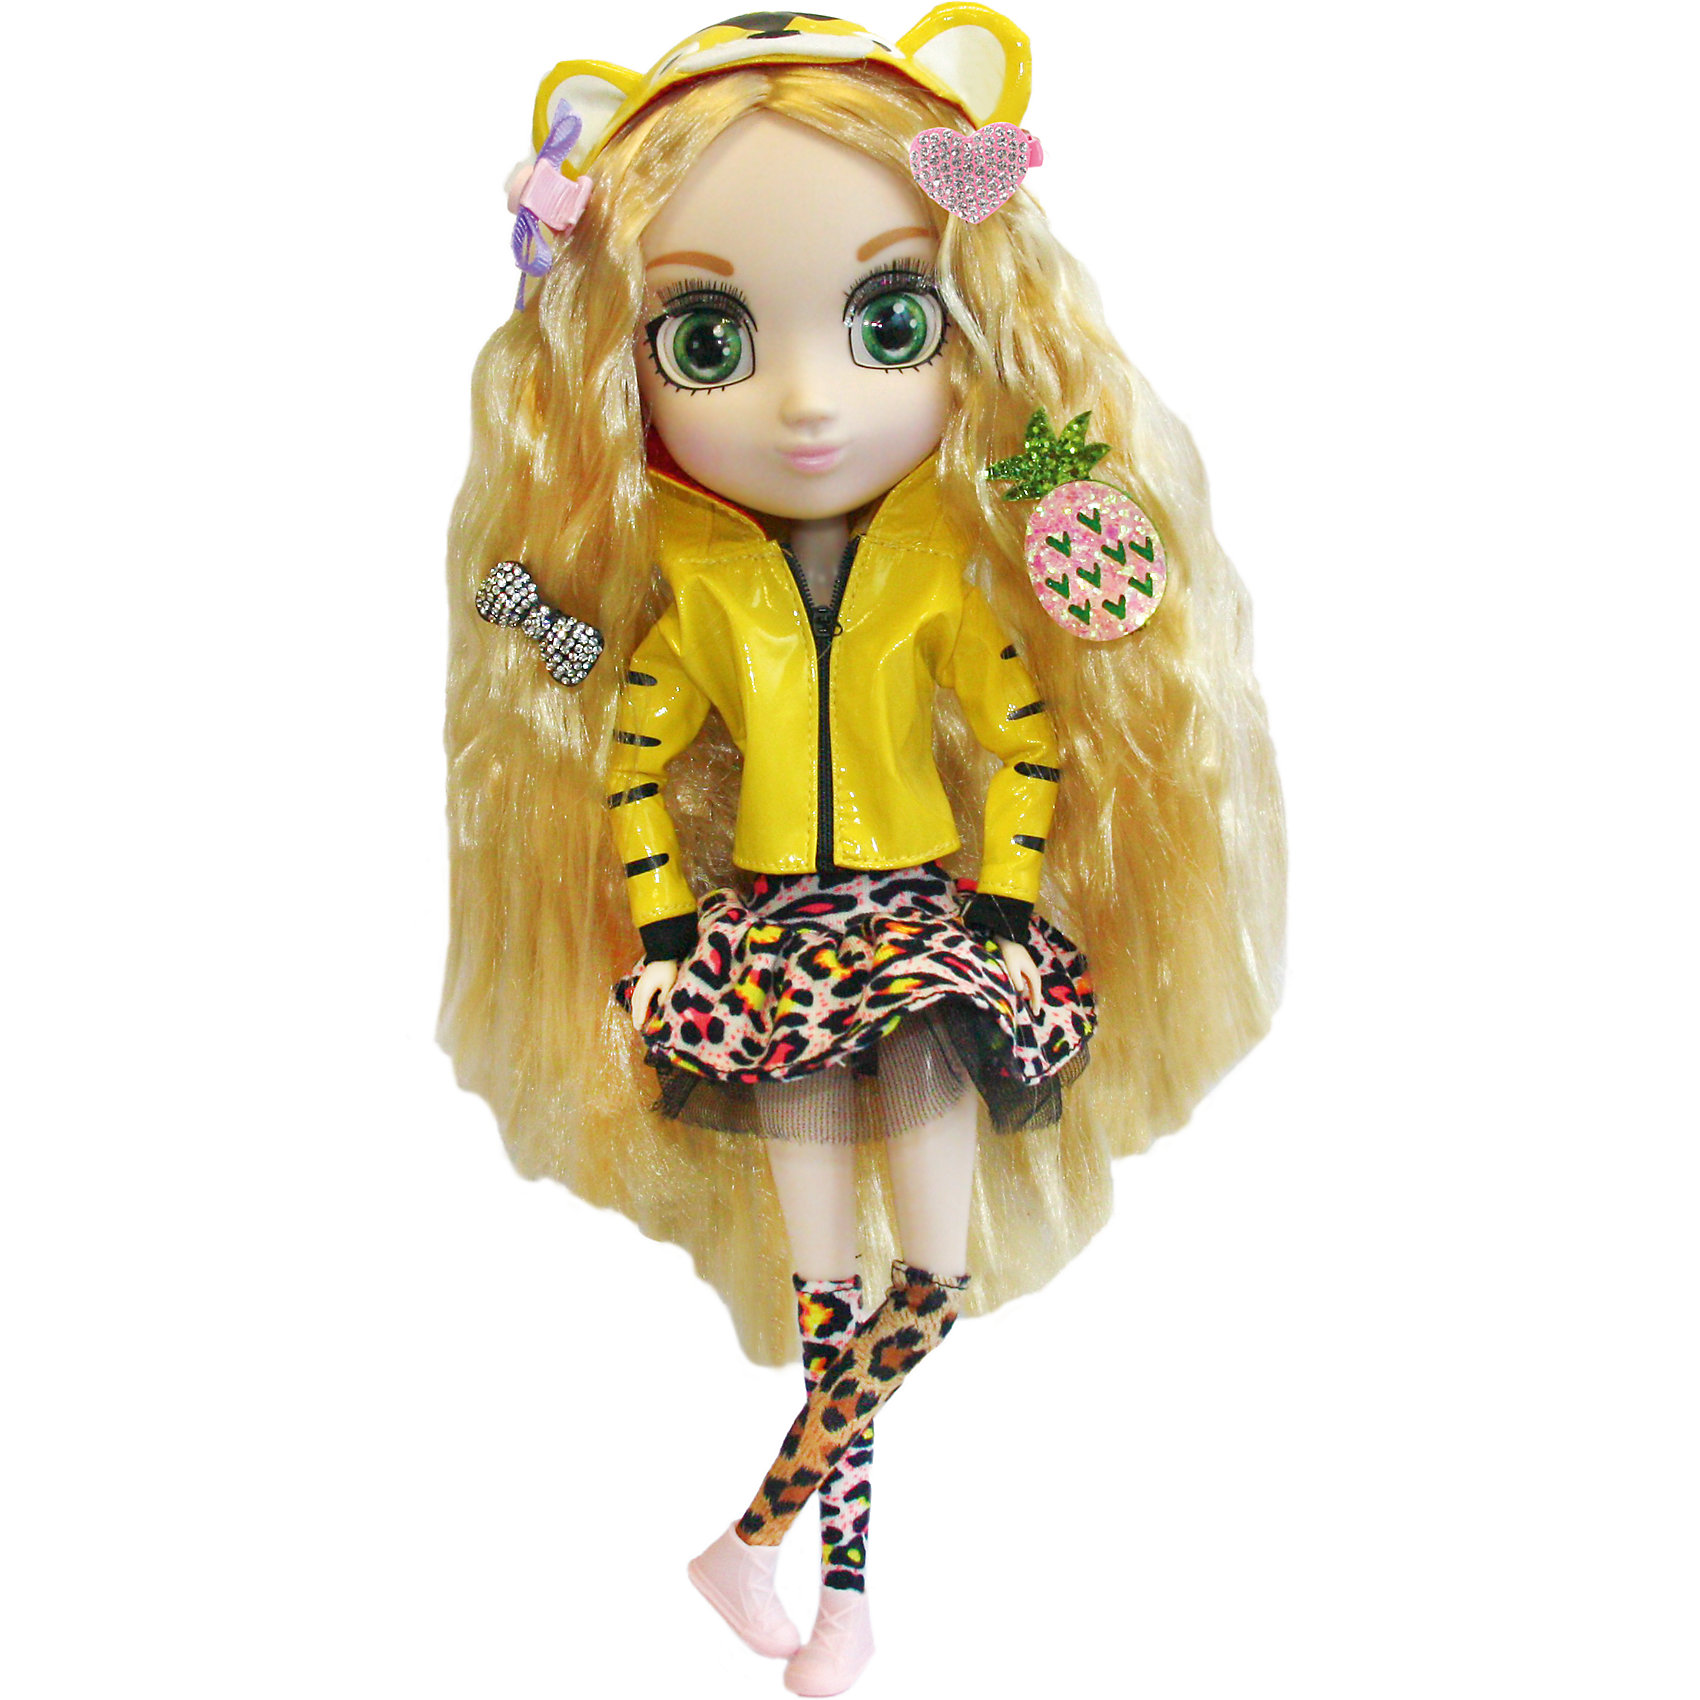 Кукла Кое, 33см, Шибадзуку ГерлзБренды кукол<br>Кукла Кое, 33см, Шибадзуку Герлз<br><br>Характеристики:<br><br>• модная кукла с реалистичными глазами<br>• длинные ресницы<br>• длинные густые волосы<br>• в комплекте: кукла, заколки, аксессуары<br>• высота куклы: 33 см<br>• материал: пластик, текстиль<br>• размер упаковки: 20,6х38,1х10,2 см<br>• вес: 600 грамм<br><br>Шибадзуку Герлз - куклы, поражающие своей красотой и реалистичностью. У них широкие глаза с пышными ресницами и длинные густые волосы. Руки и ноги кукол подвижны. Кое очень общительная и доброжелательная. Леопардовая юбочка и гетры отлично сочетаются с жёлтой курткой и ботиночками девочки. Золотистые волосы Кое украшены яркими блестящими заколочками. Вы можете придумать для куклы яркий неповторимый образ, создавая новую прическу с аксессуарами, которые входят в комплект.<br><br>Куклу Кое, 33см, Шибадзуку Герлз можно купить в нашем интернет-магазине.<br><br>Ширина мм: 102<br>Глубина мм: 381<br>Высота мм: 206<br>Вес г: 600<br>Возраст от месяцев: 36<br>Возраст до месяцев: 2147483647<br>Пол: Женский<br>Возраст: Детский<br>SKU: 5397315